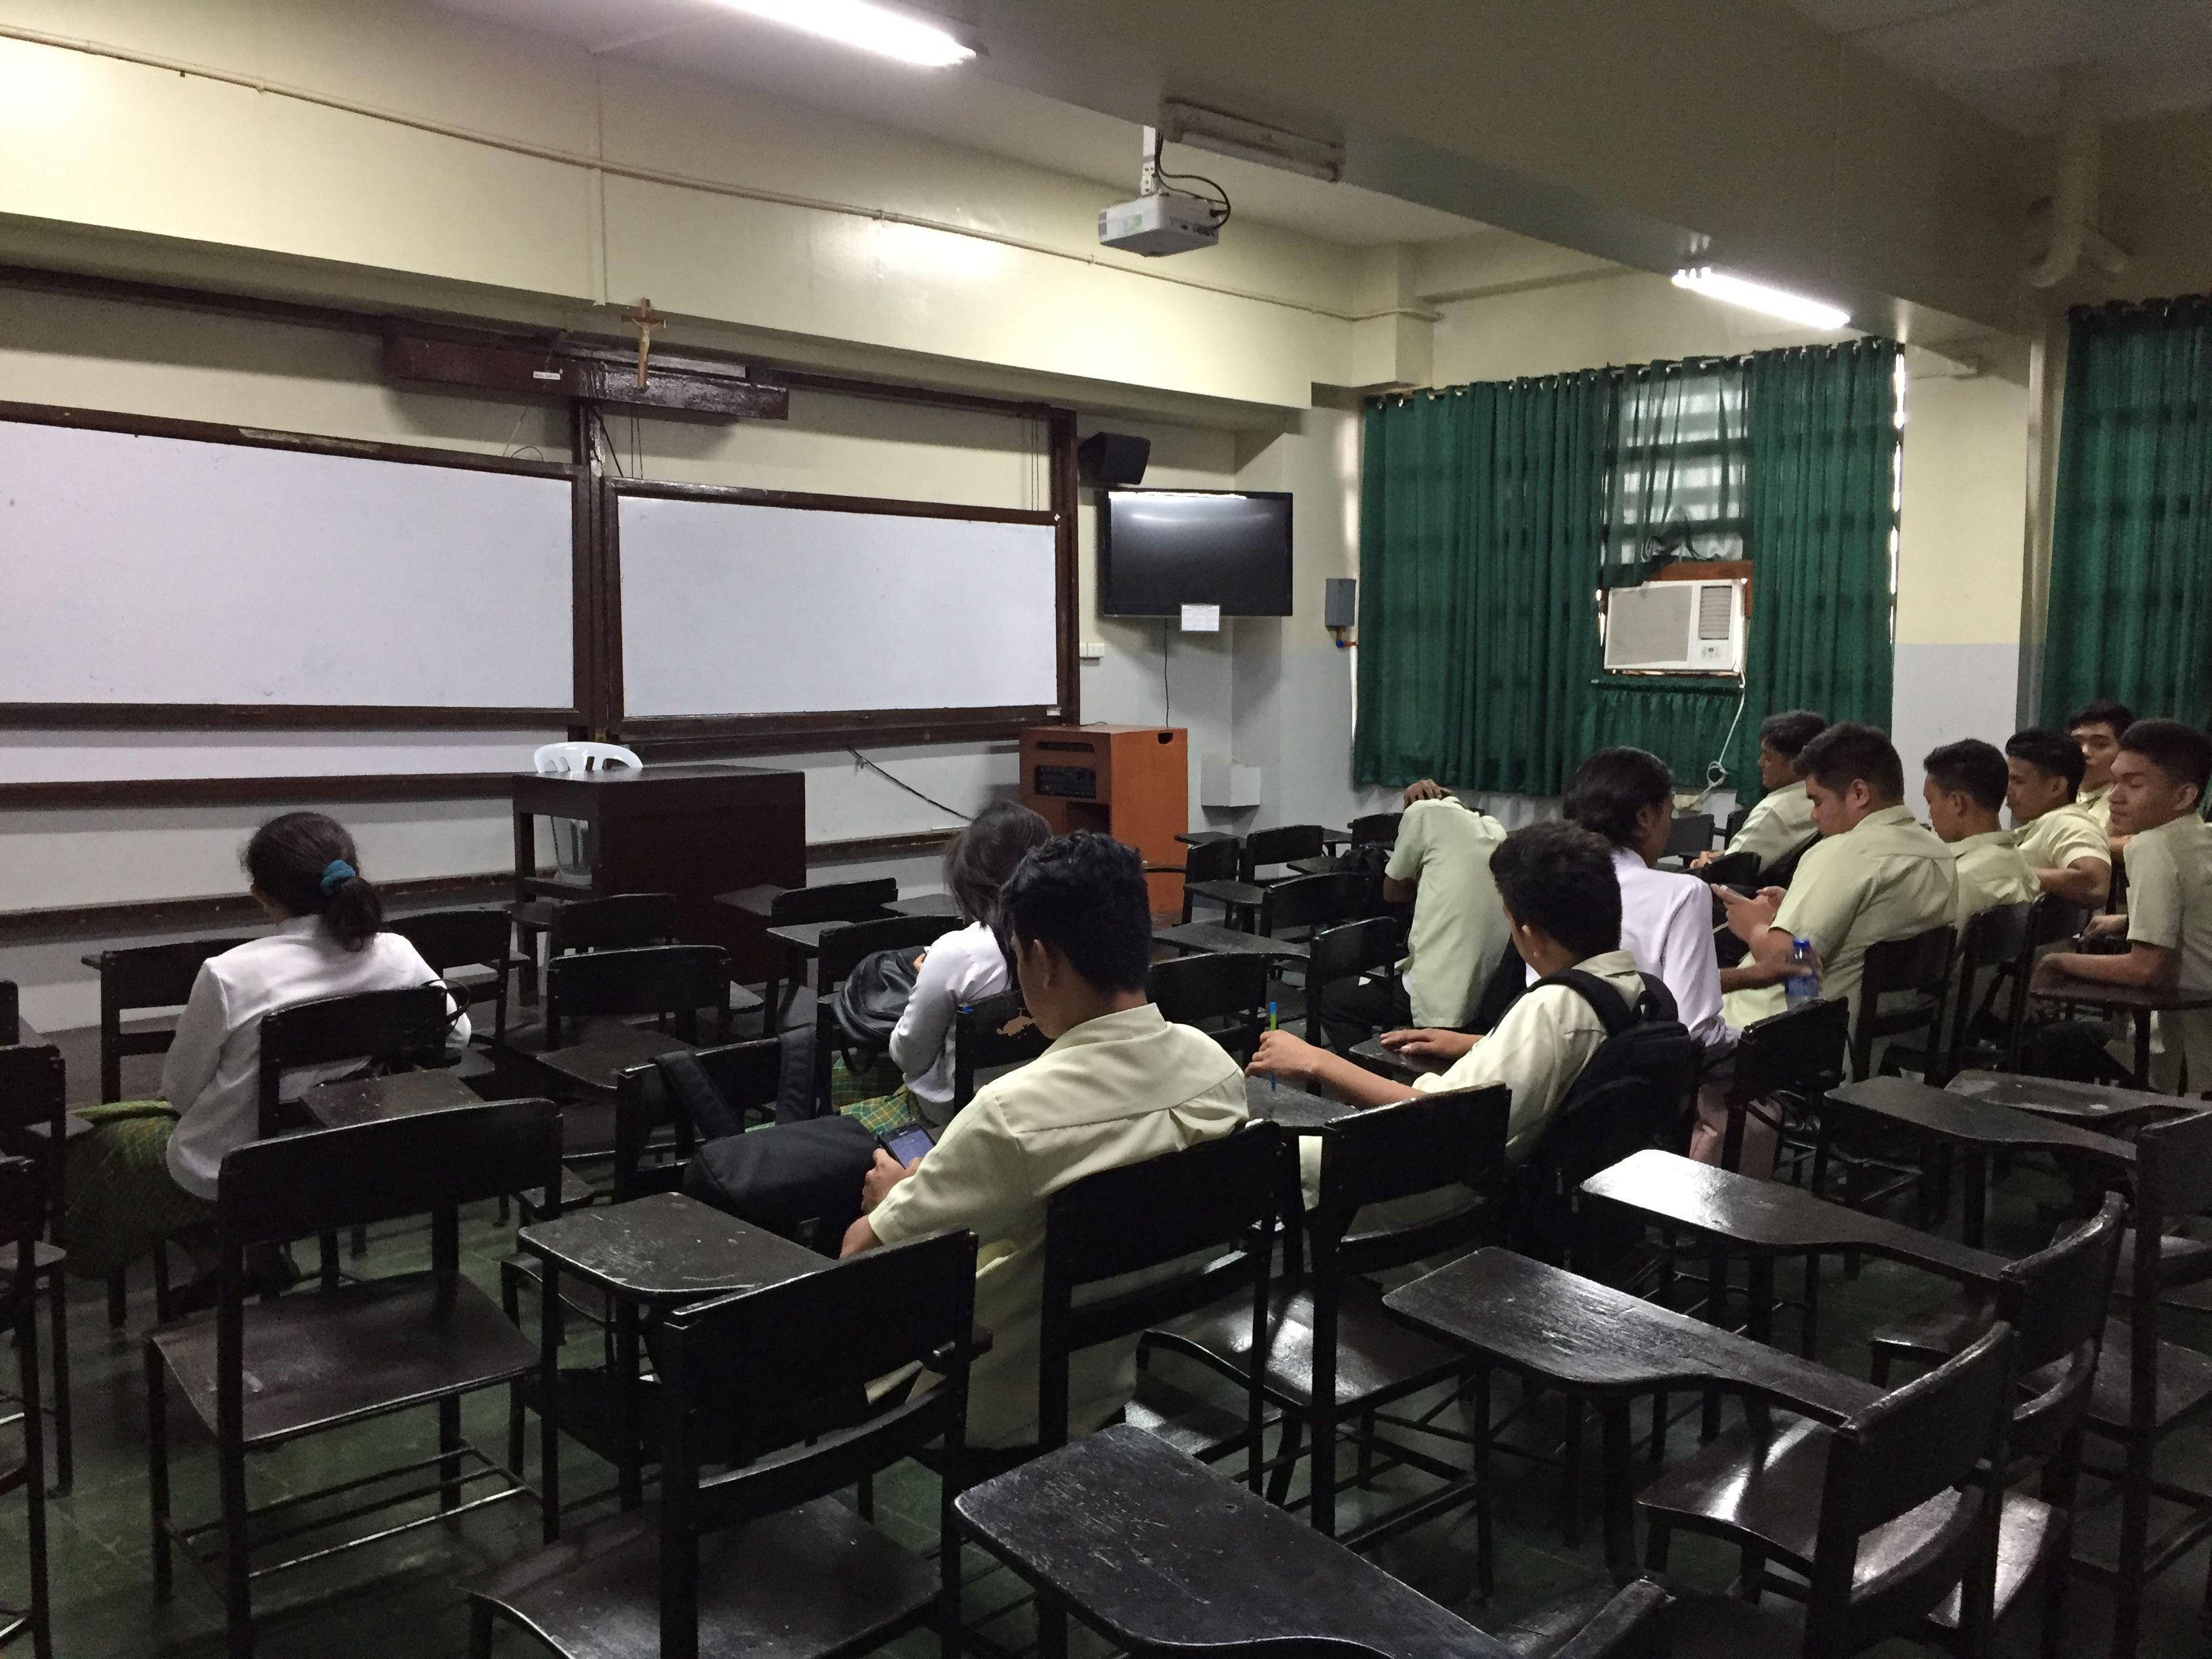 サンホセ大学の教室